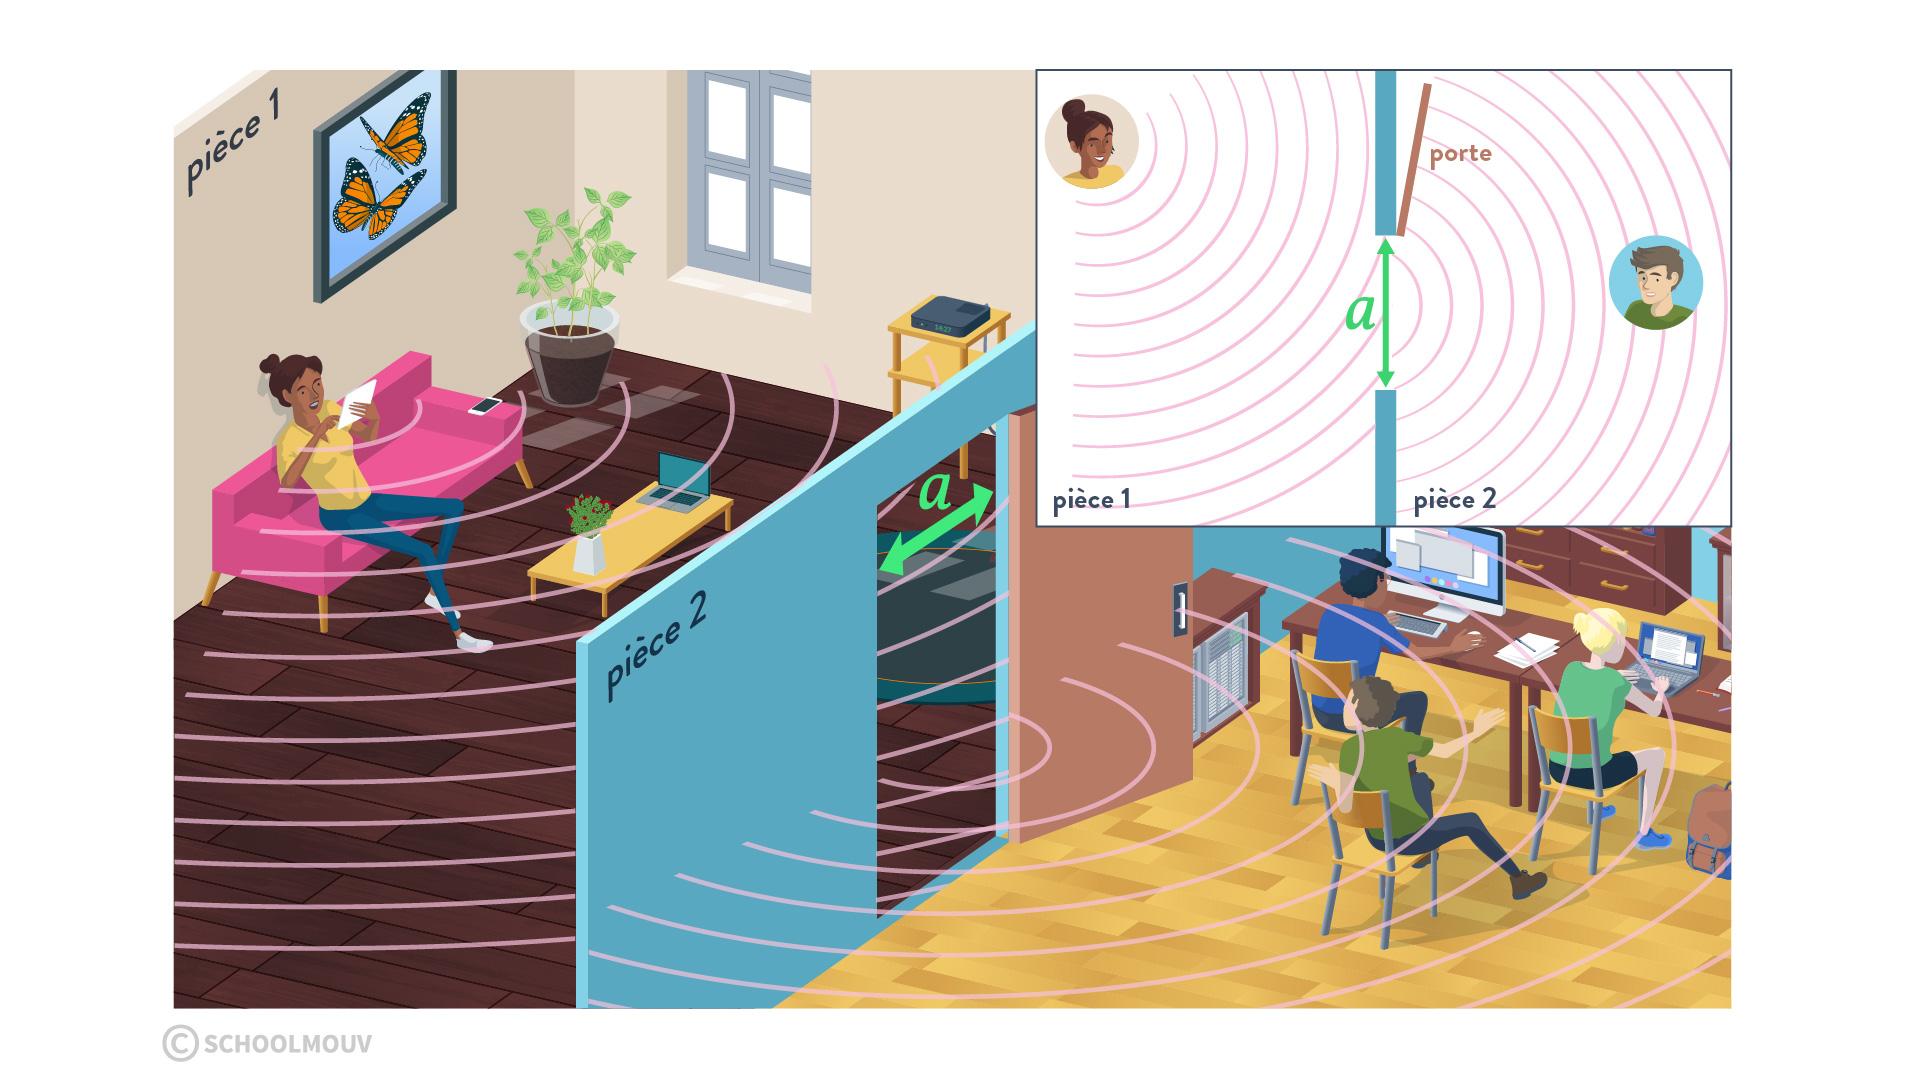 diffraction d'une onde physique chimie terminal schoolmouv onde mécanique